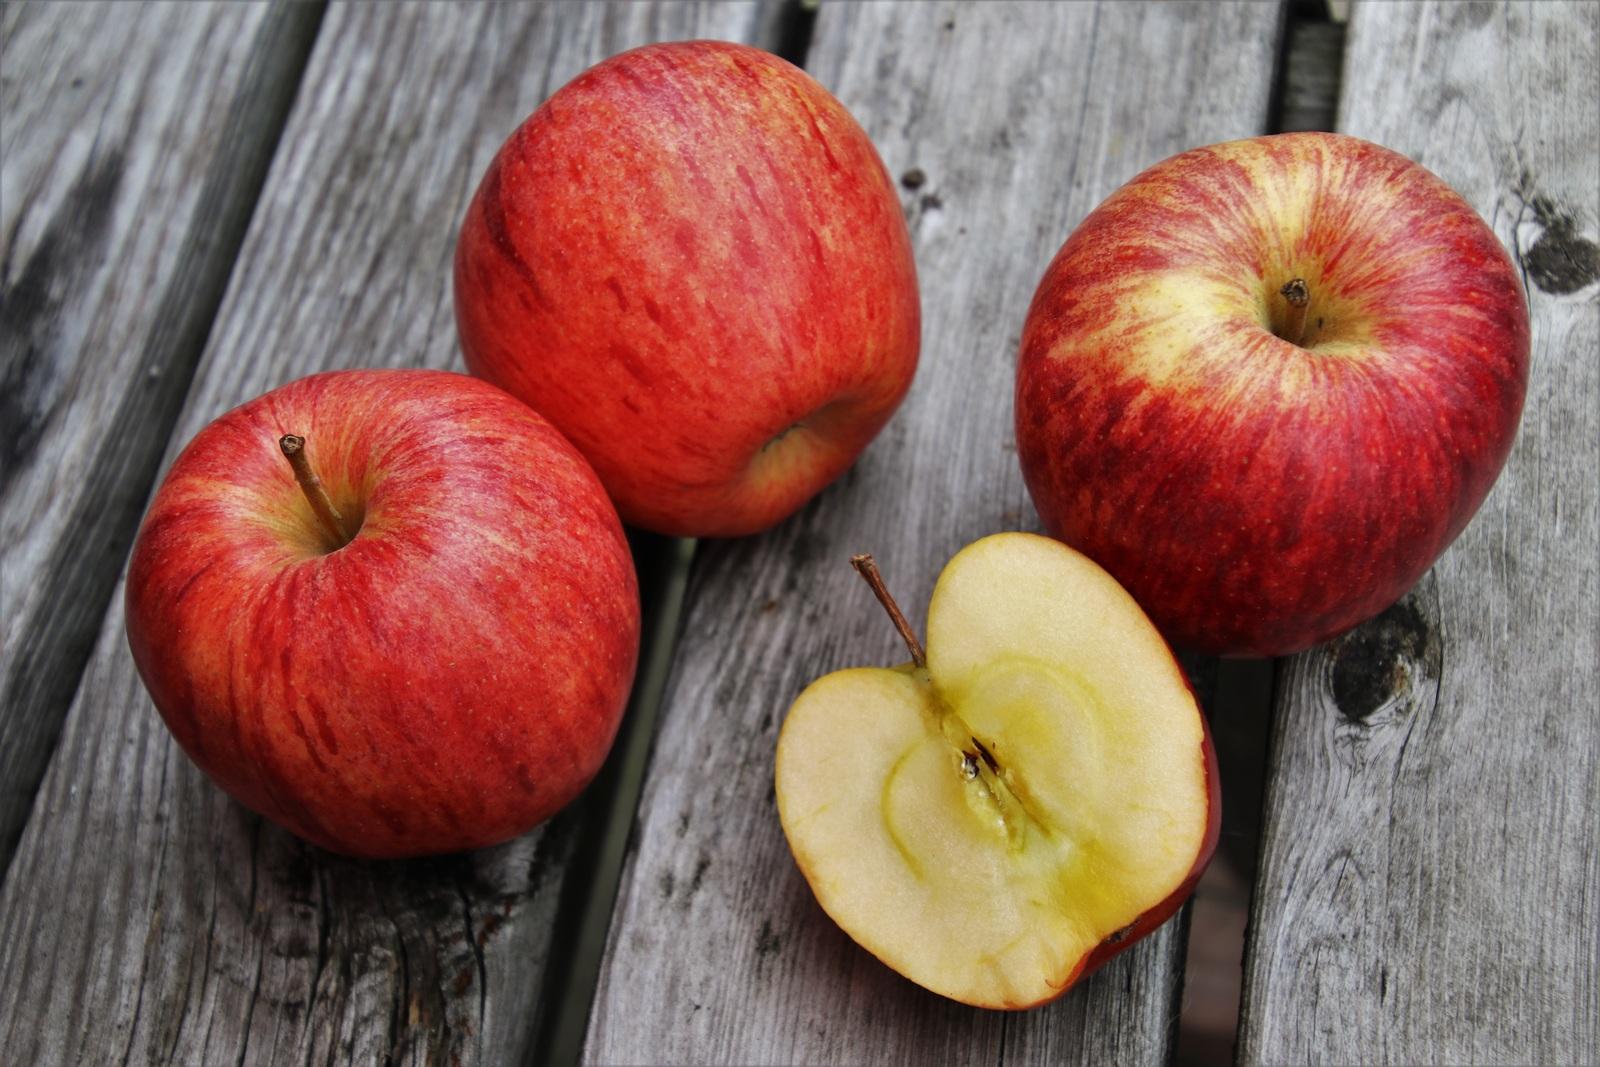 Коллективное поедание яблок тоже представляется забавным / https://pixabay.com